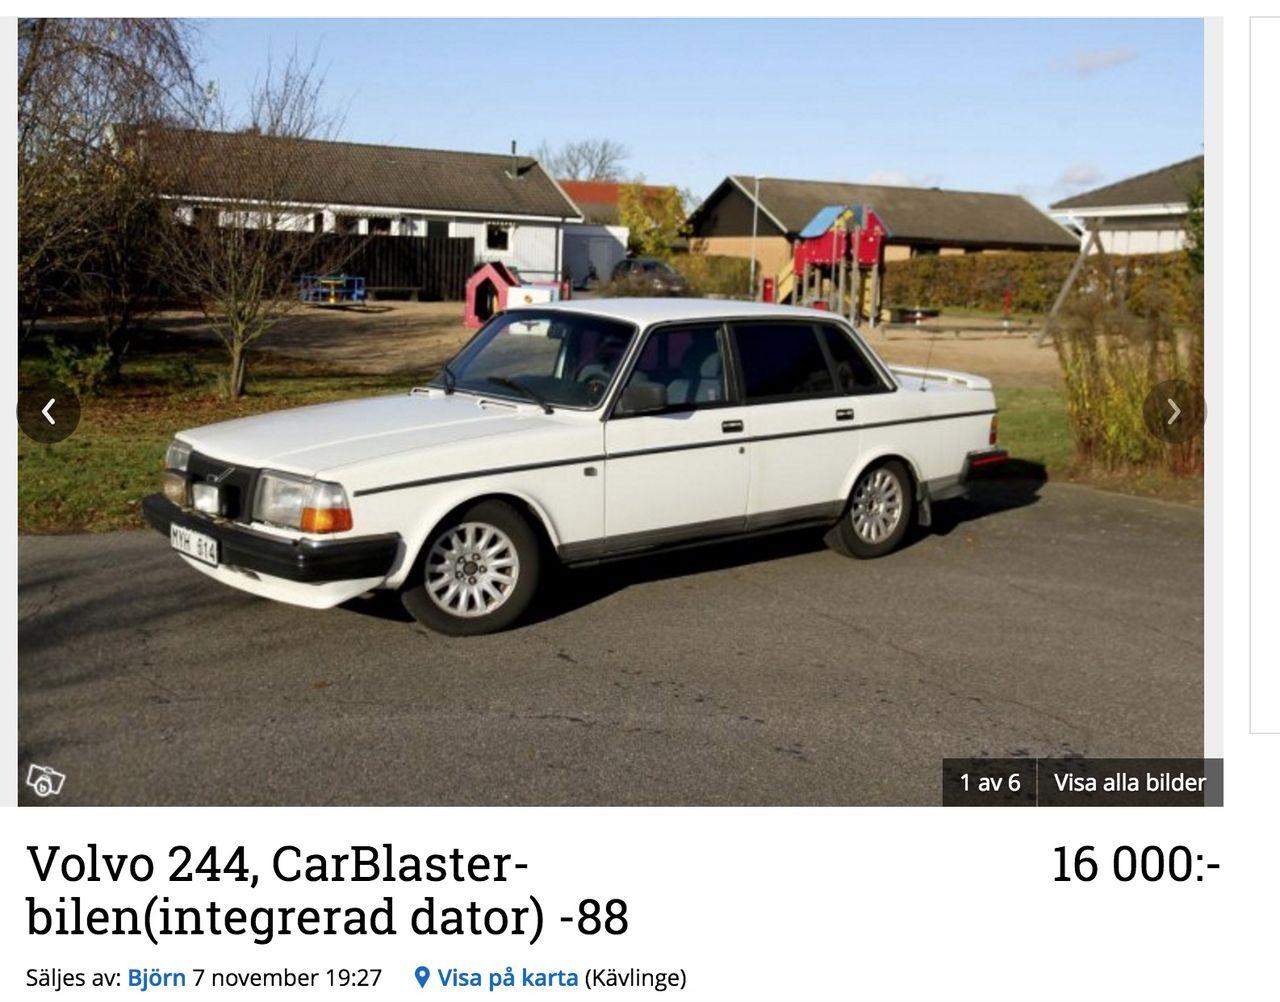 Köp Carblaster-bilen